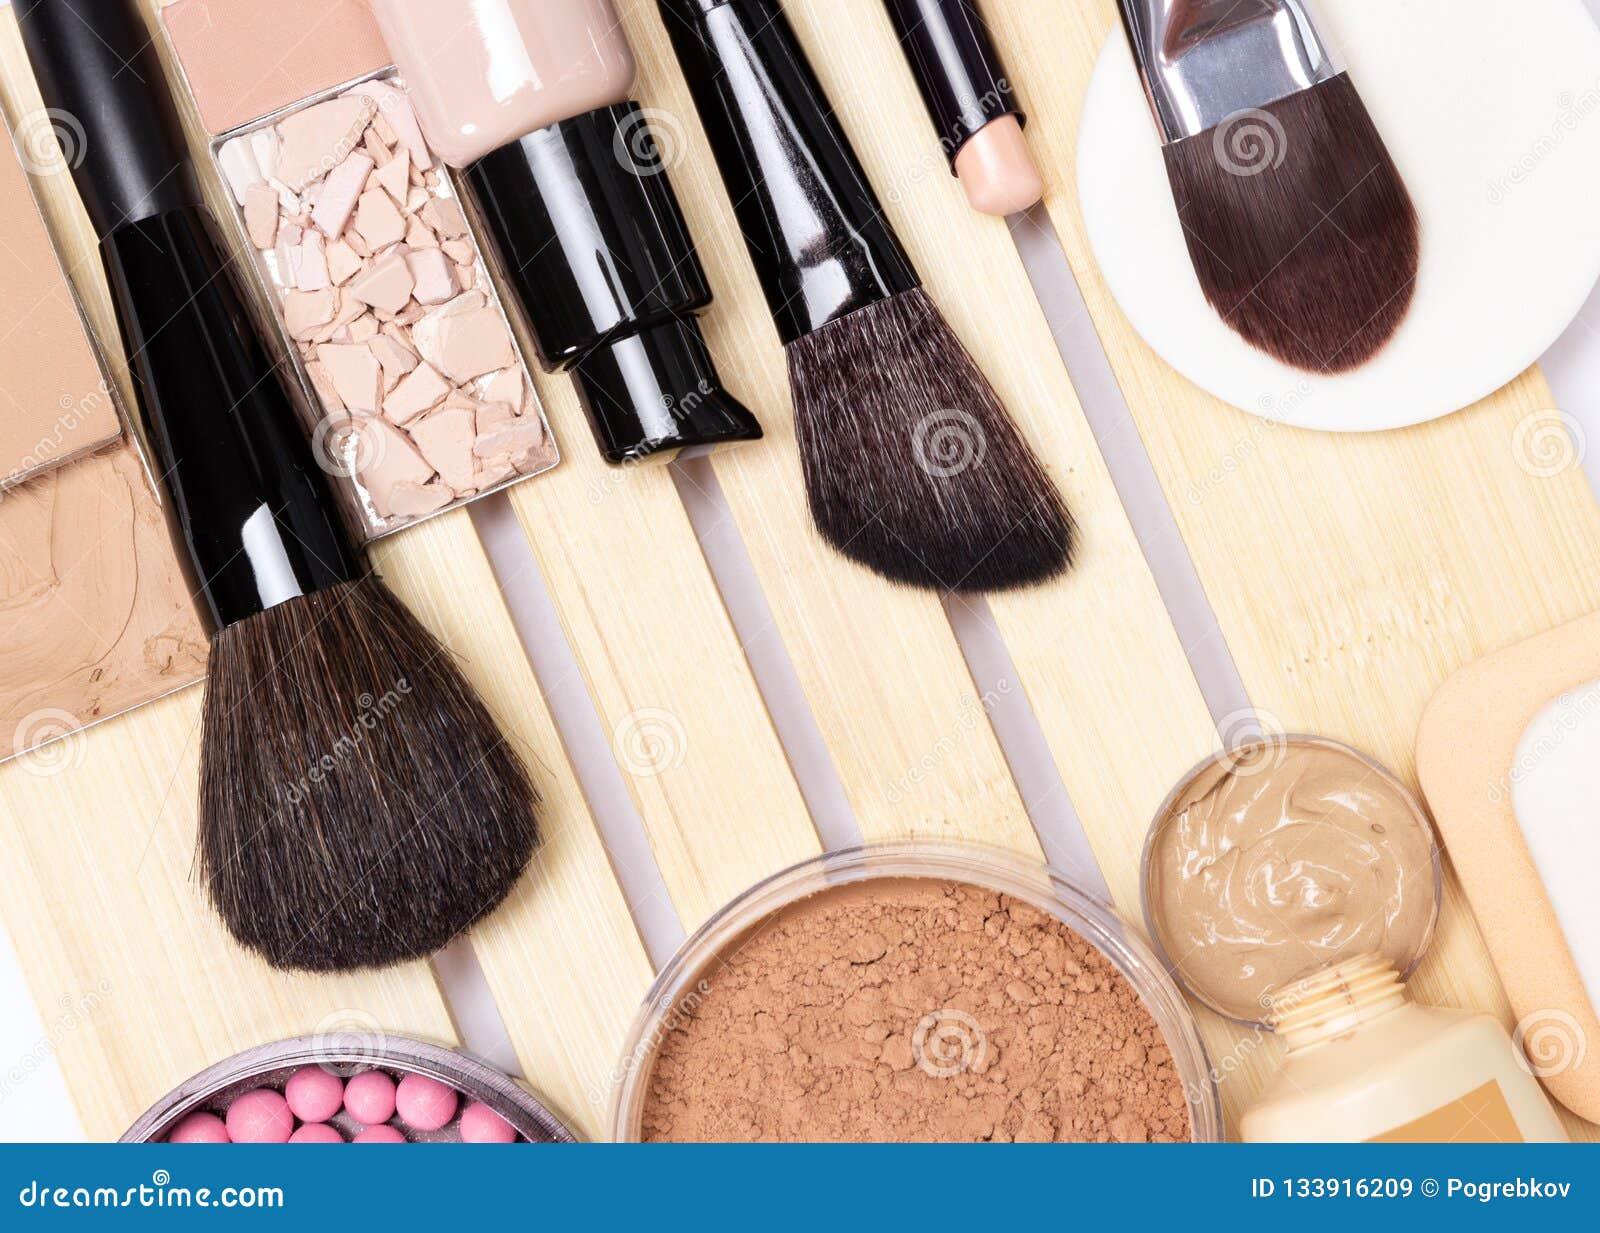 Concealer, primer, foundation, powder, blush with make-up brush